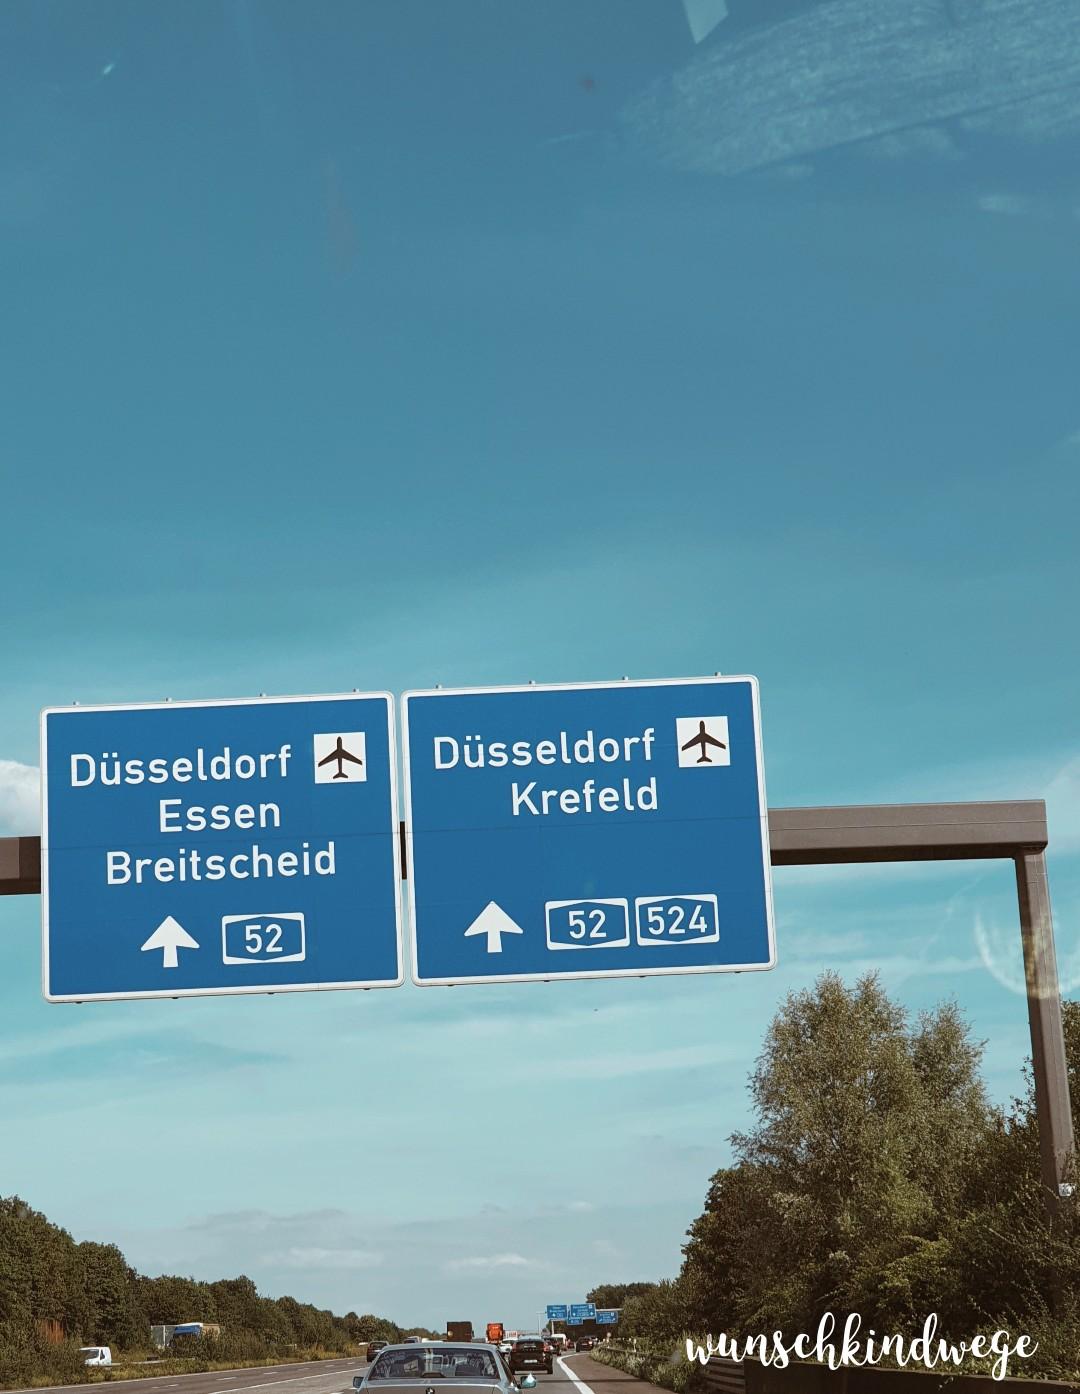 Flughafen Düsseldorf Autobahnschild